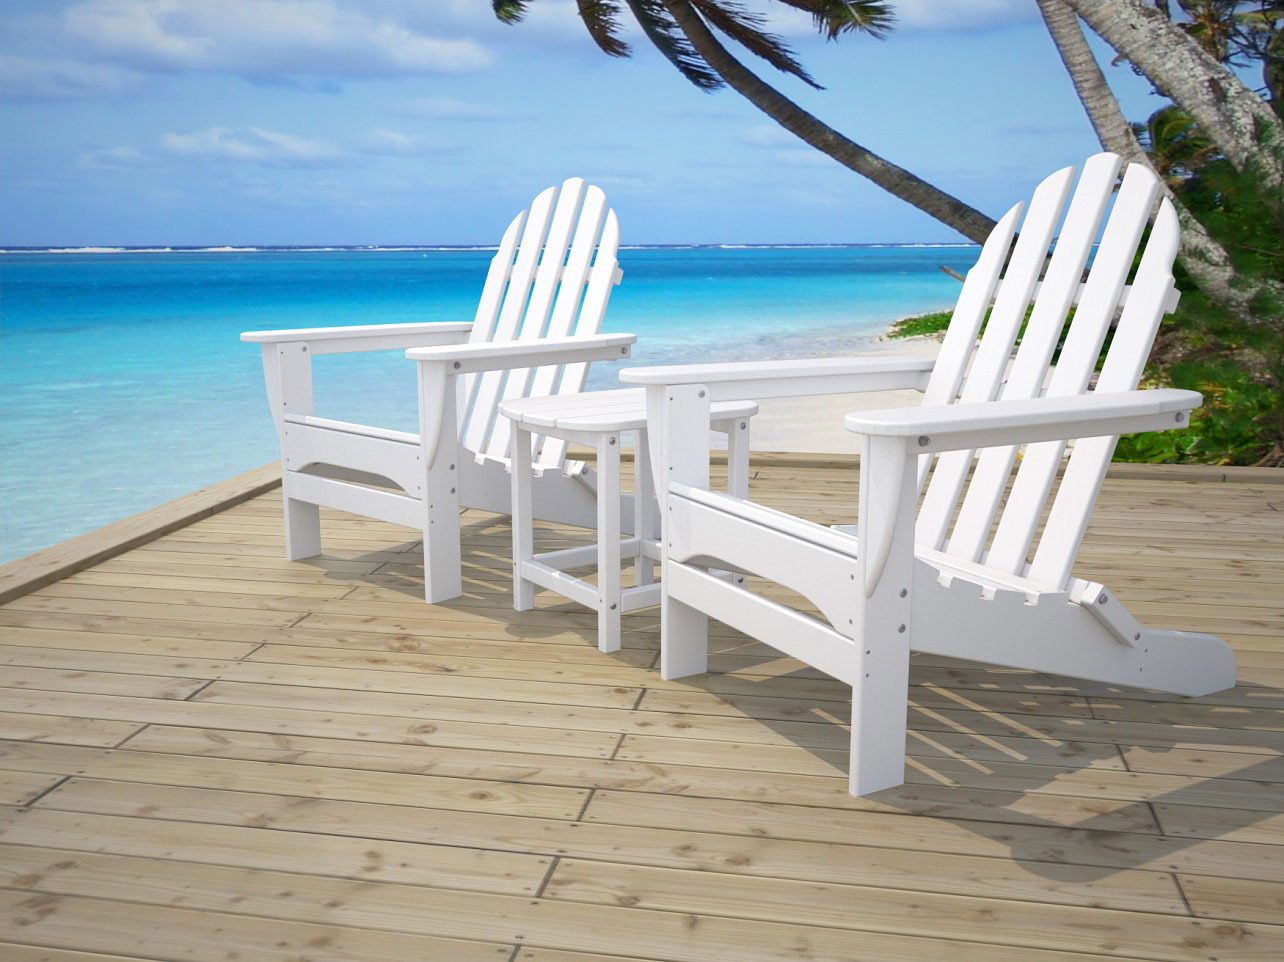 adirondack chairs on beach. Adirondack Chairs On Beach Wallpaper Amazing White Adirondack 1284x962 Chairs On Beach I